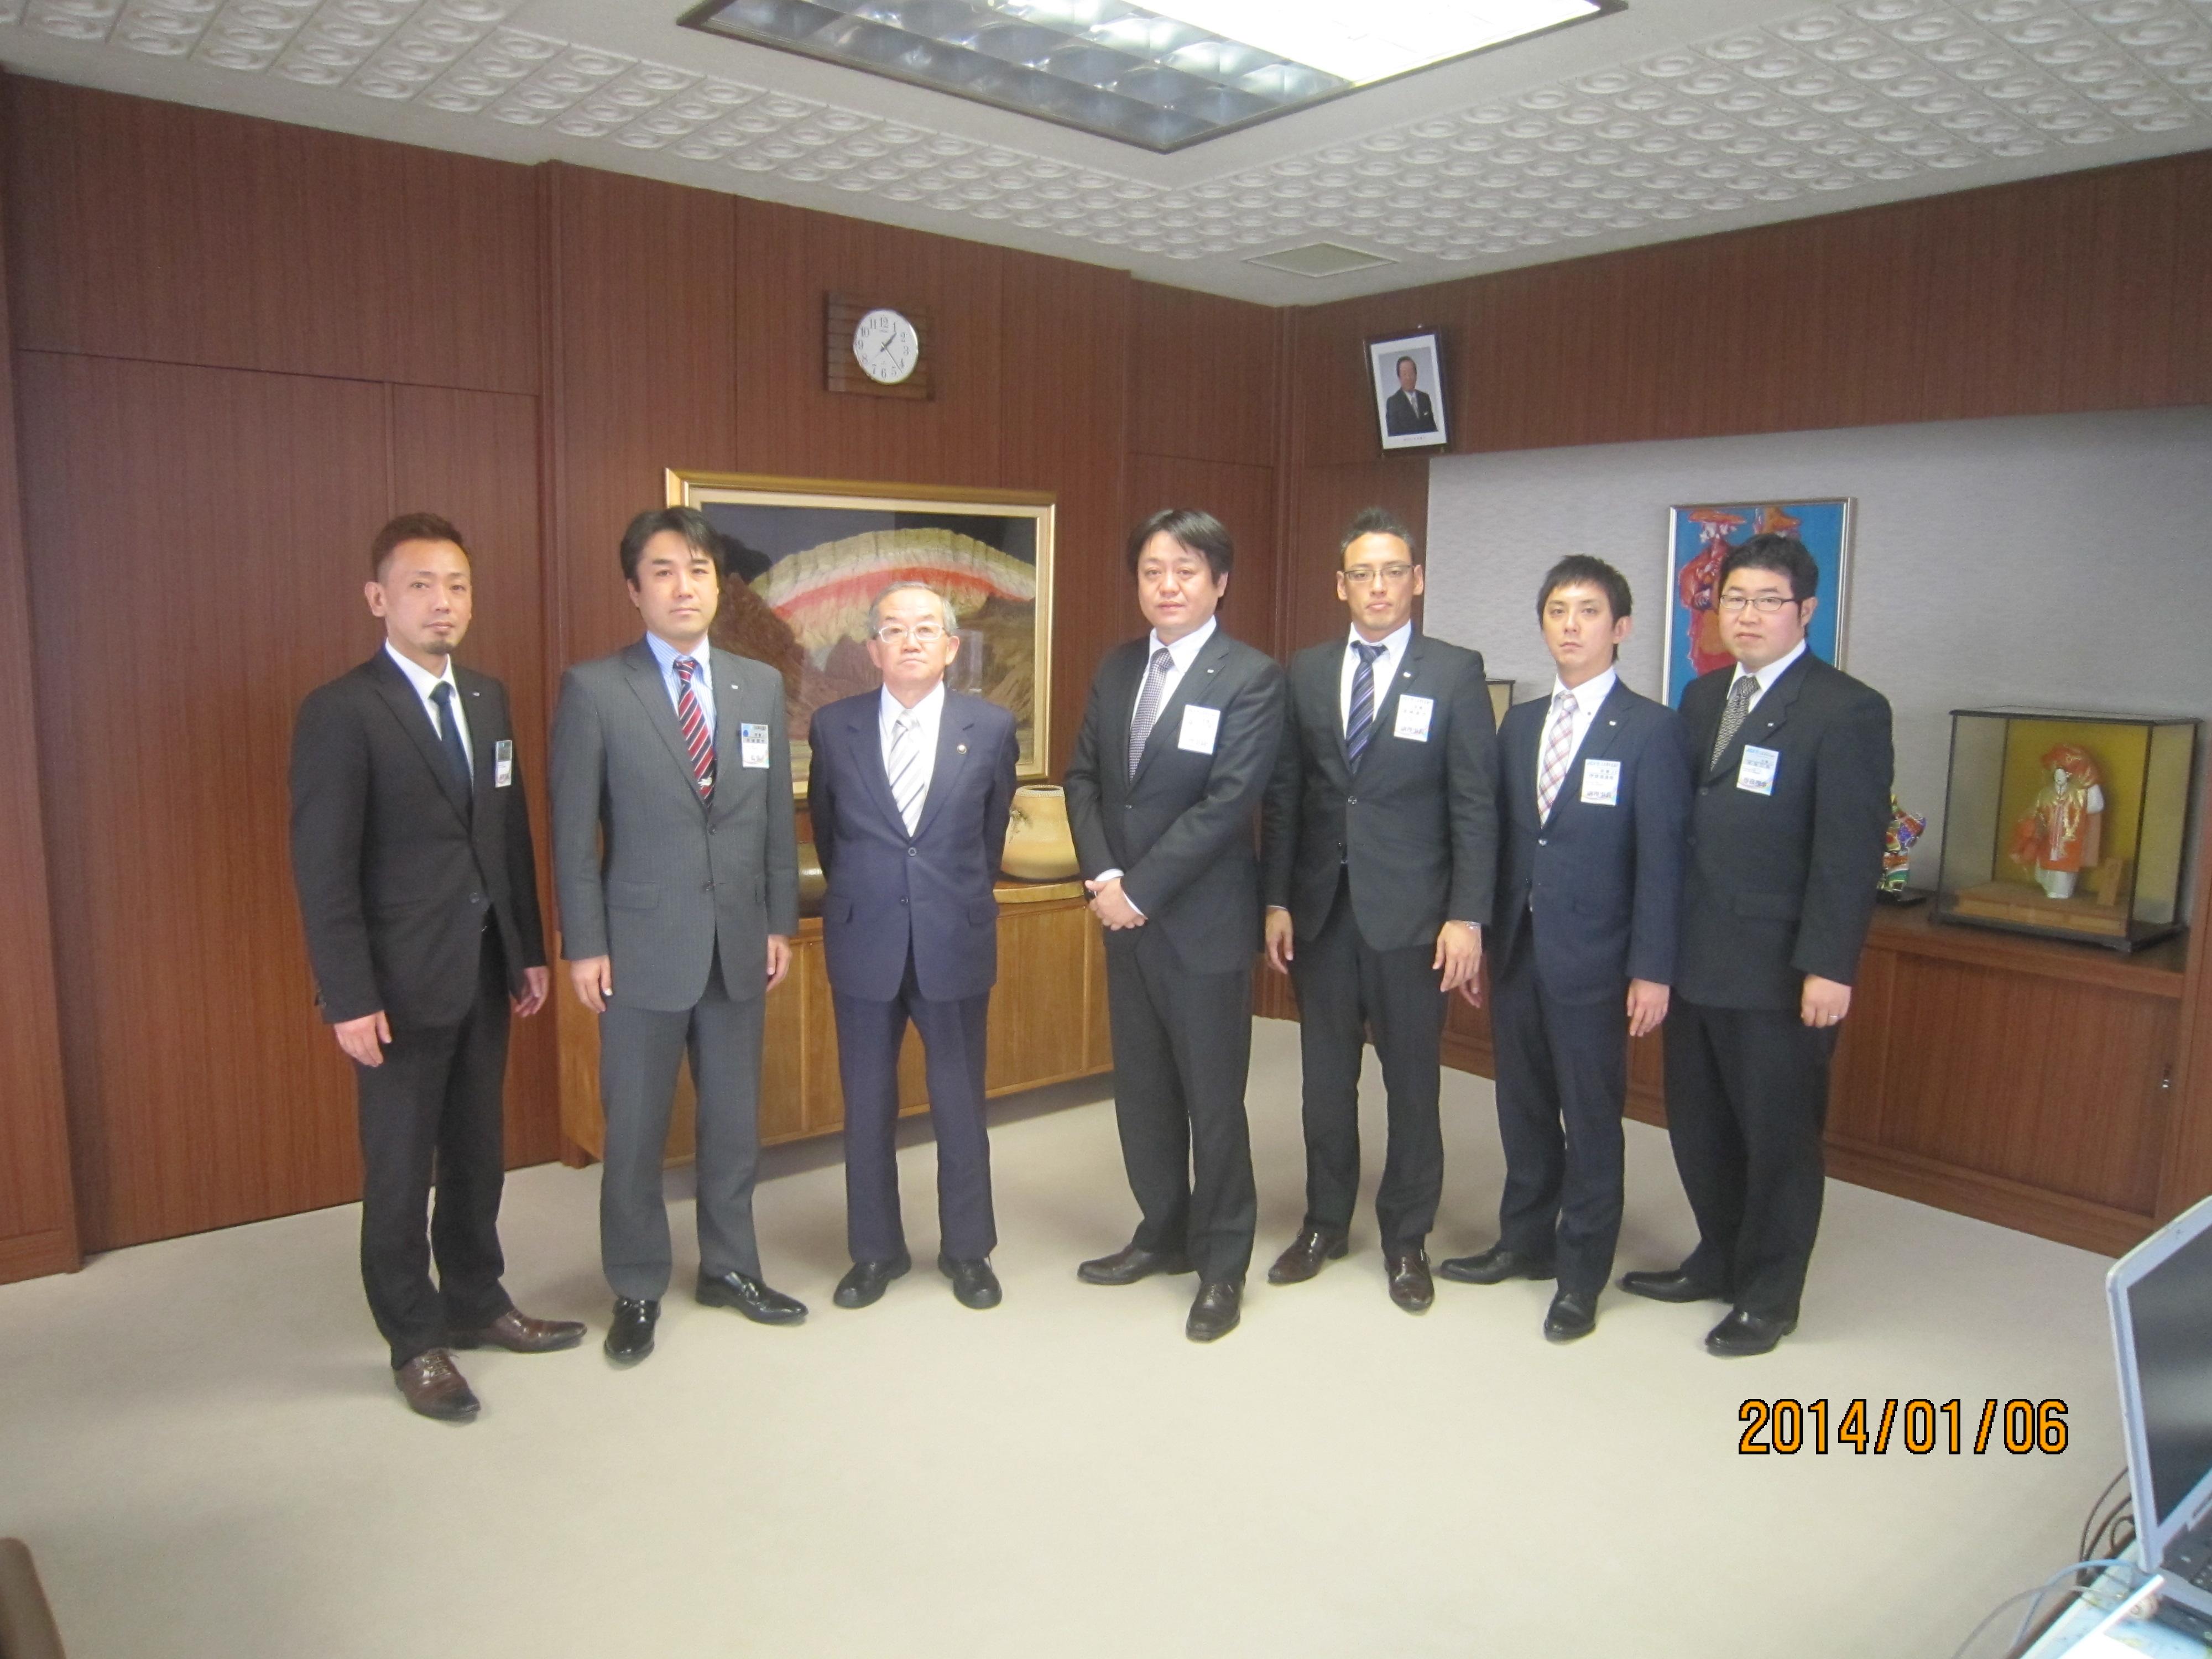 http://www.munakatajc.com/active/IMG_1053.JPG